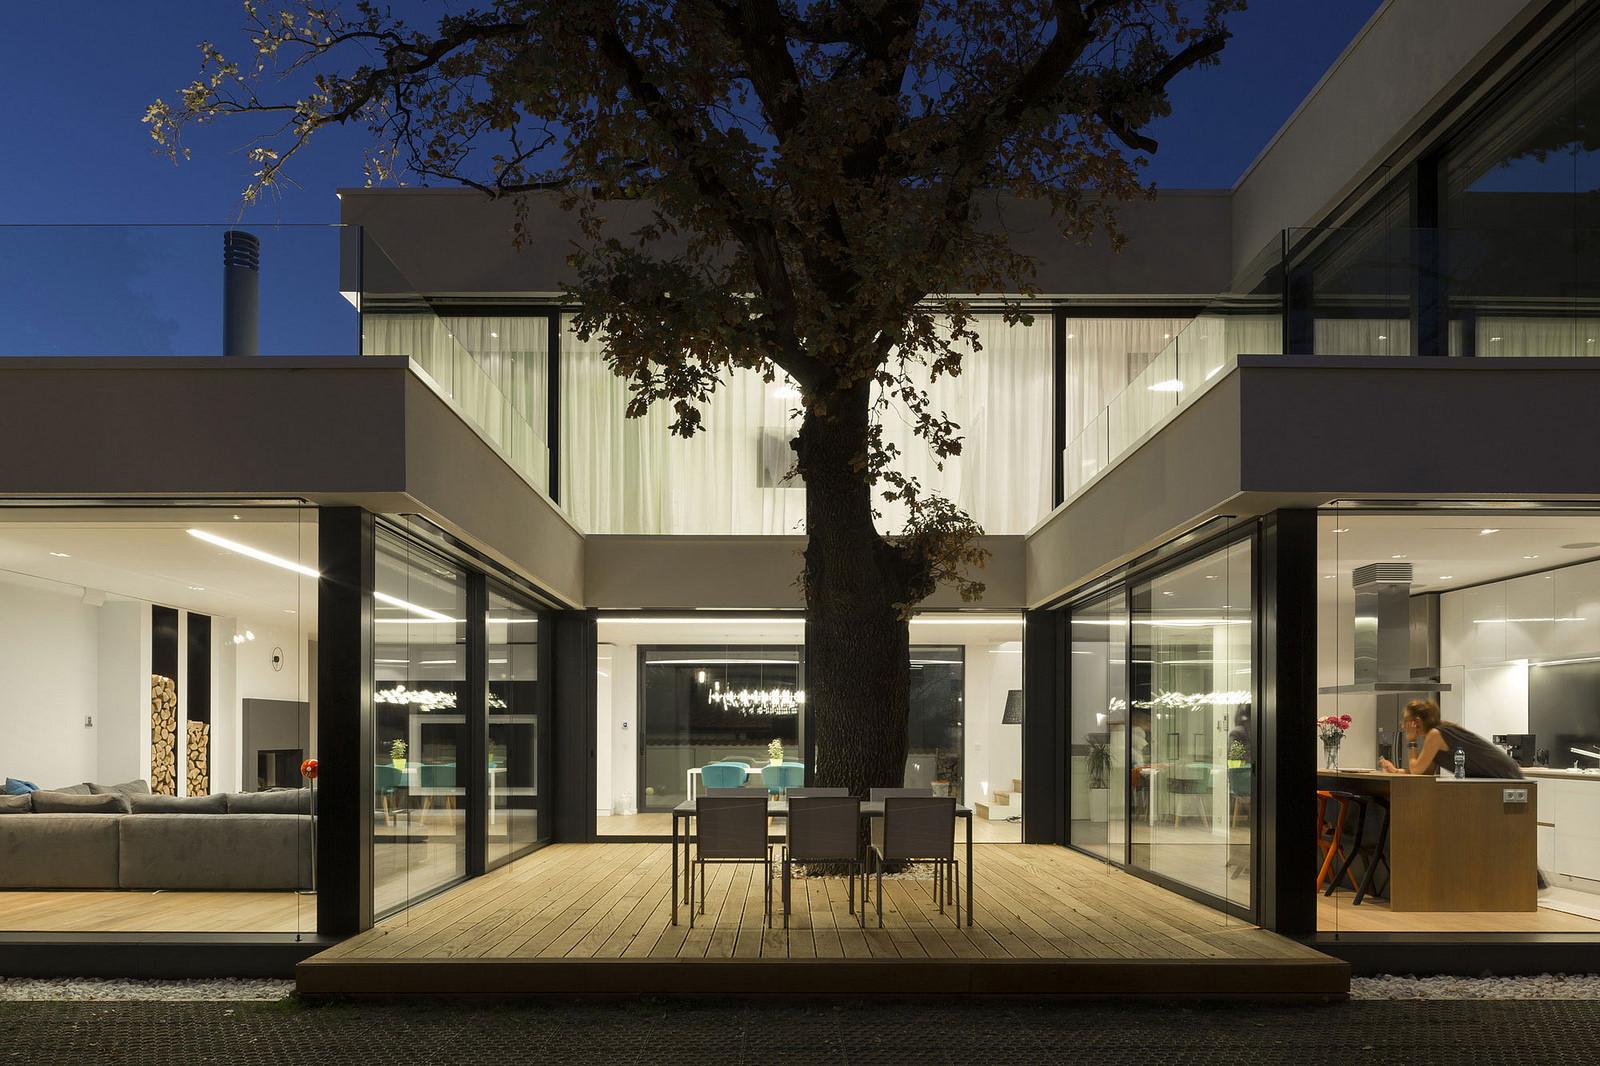 Объекты недвижимости болгарии аренда офисов yr снять место под офис Россошанская улица